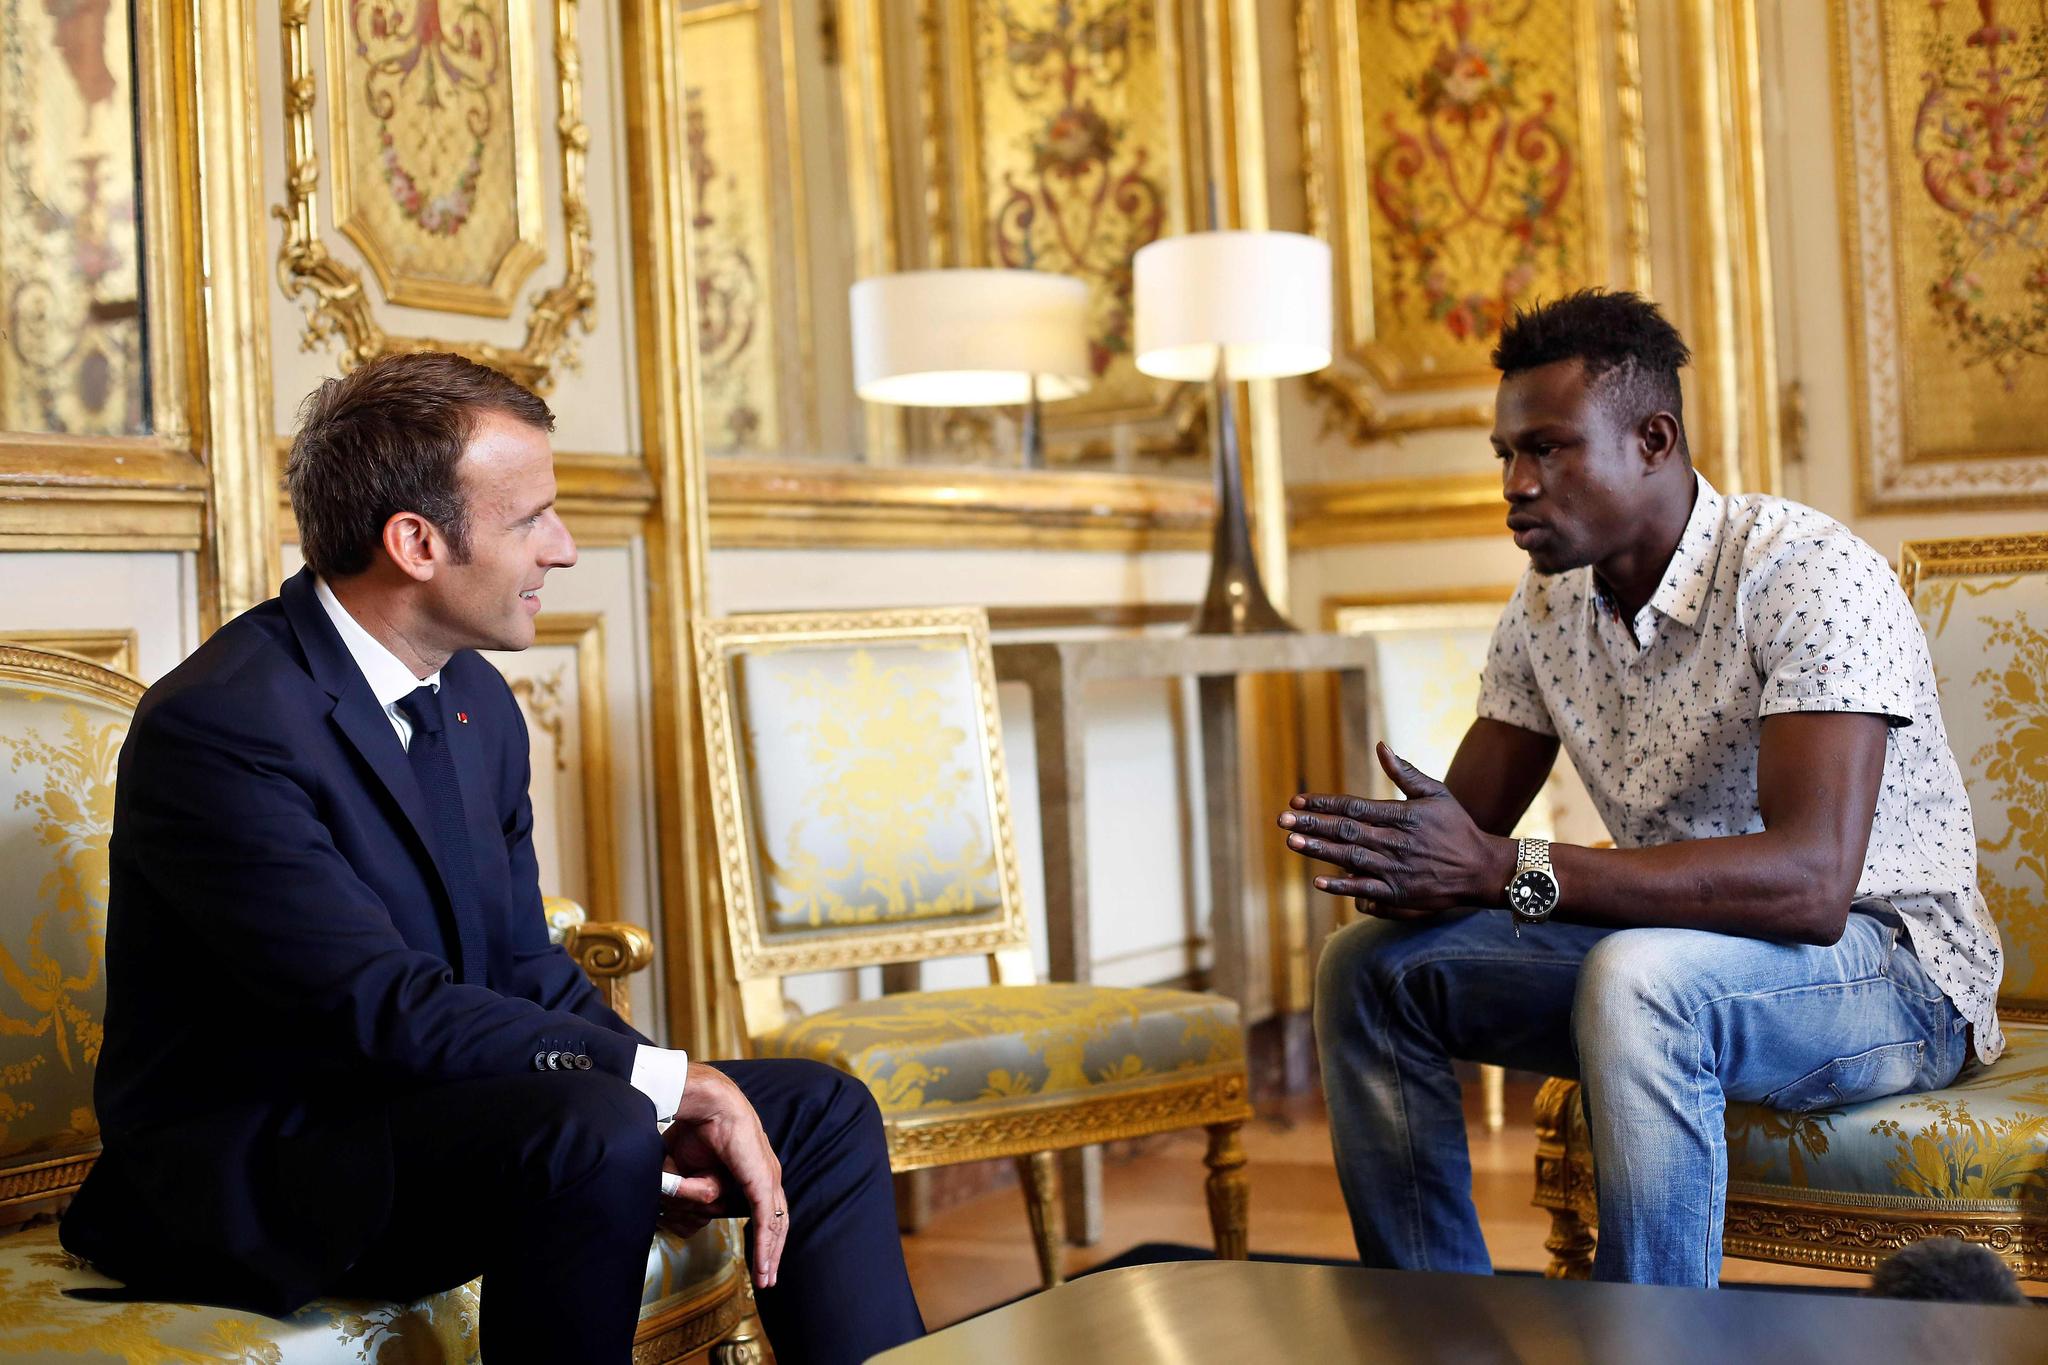 프랑스 파리 아파트 5층 발코니에 매달린 네 살 아이를 맨손으로 구출한 말리 출신의 마무두 가사마(오른쪽)가 지난 5월 28일 대통령 궁에서 에마뉘엘 마크롱 프랑스 대통령을 만나고 있다. [AFP=연합뉴스]